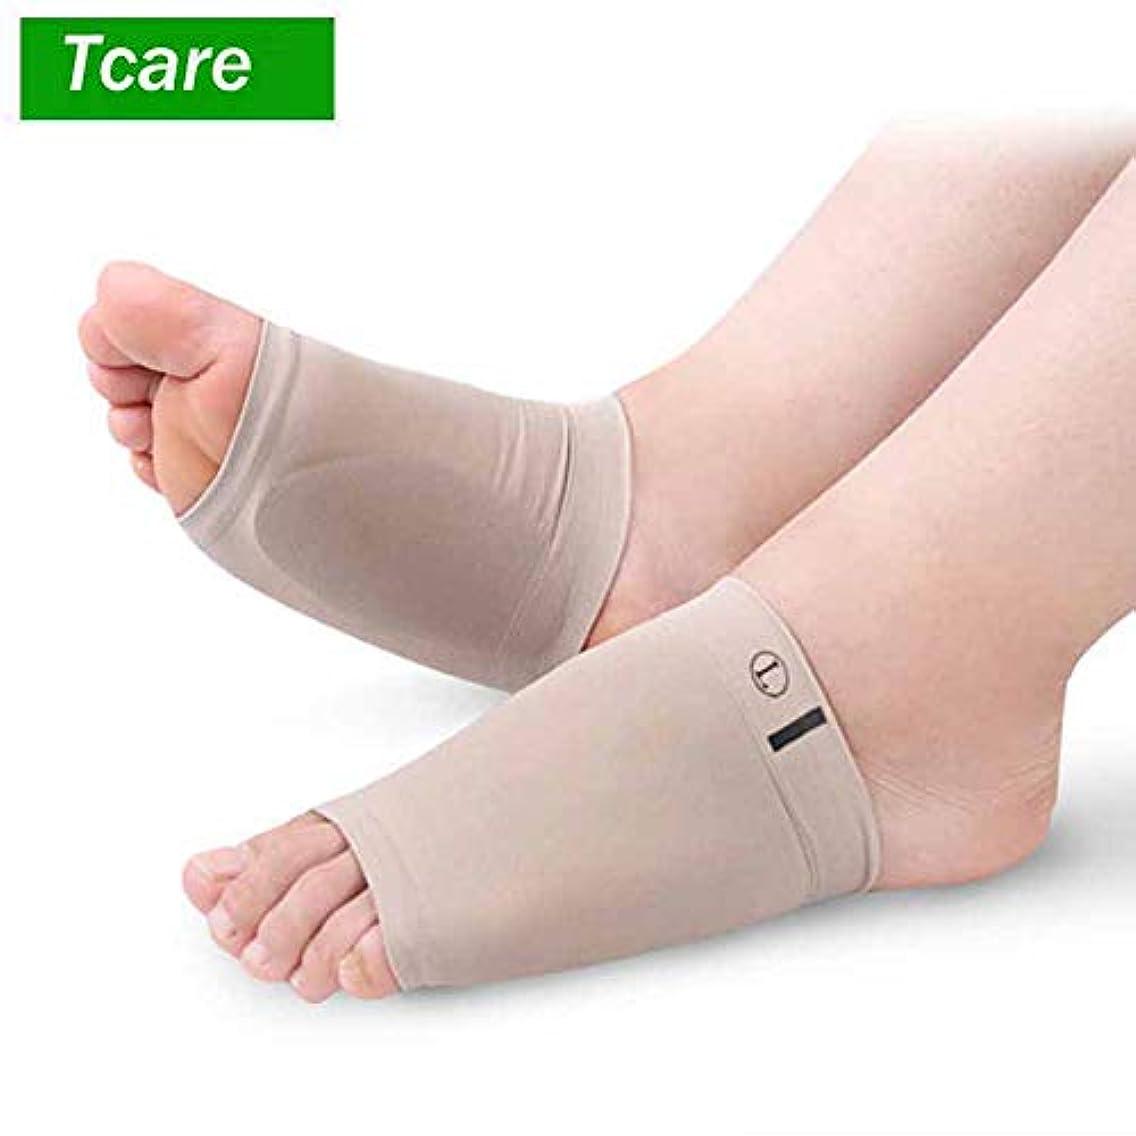 時間人形ストラップゲルクッション型足関節アーチ支持スリーブ対足底筋膜炎フラットフィート痛みヒールスパーズヒールニューロマスヒップフィートと背中の問題からの救済